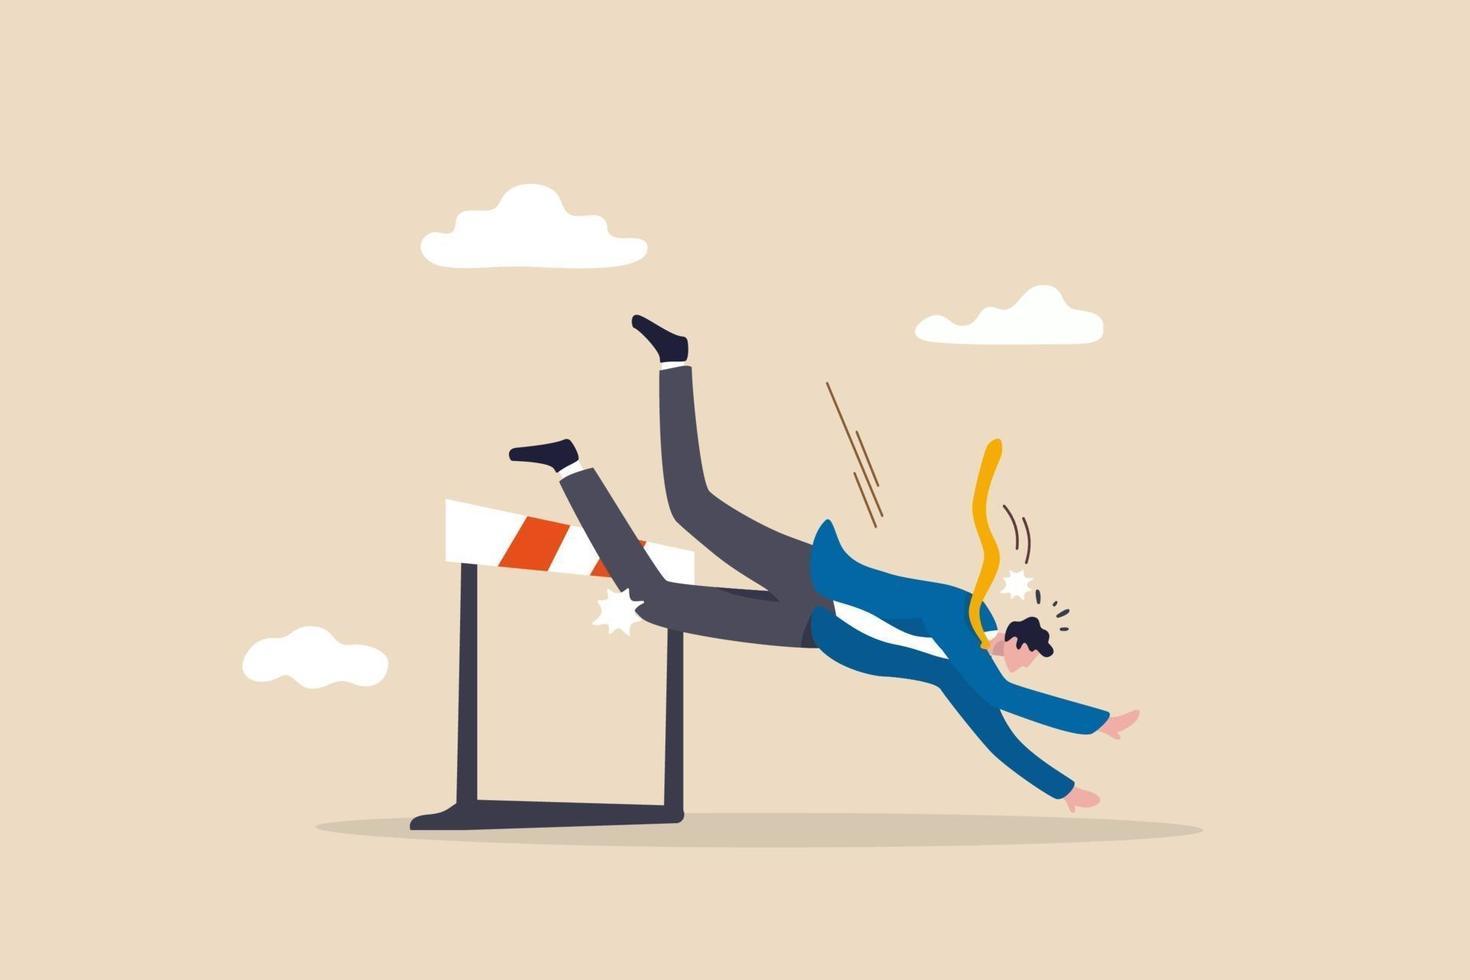 uomo d'affari frustrato perdente non riesce a saltare oltre l'ostacolo e cadere a terra vettore